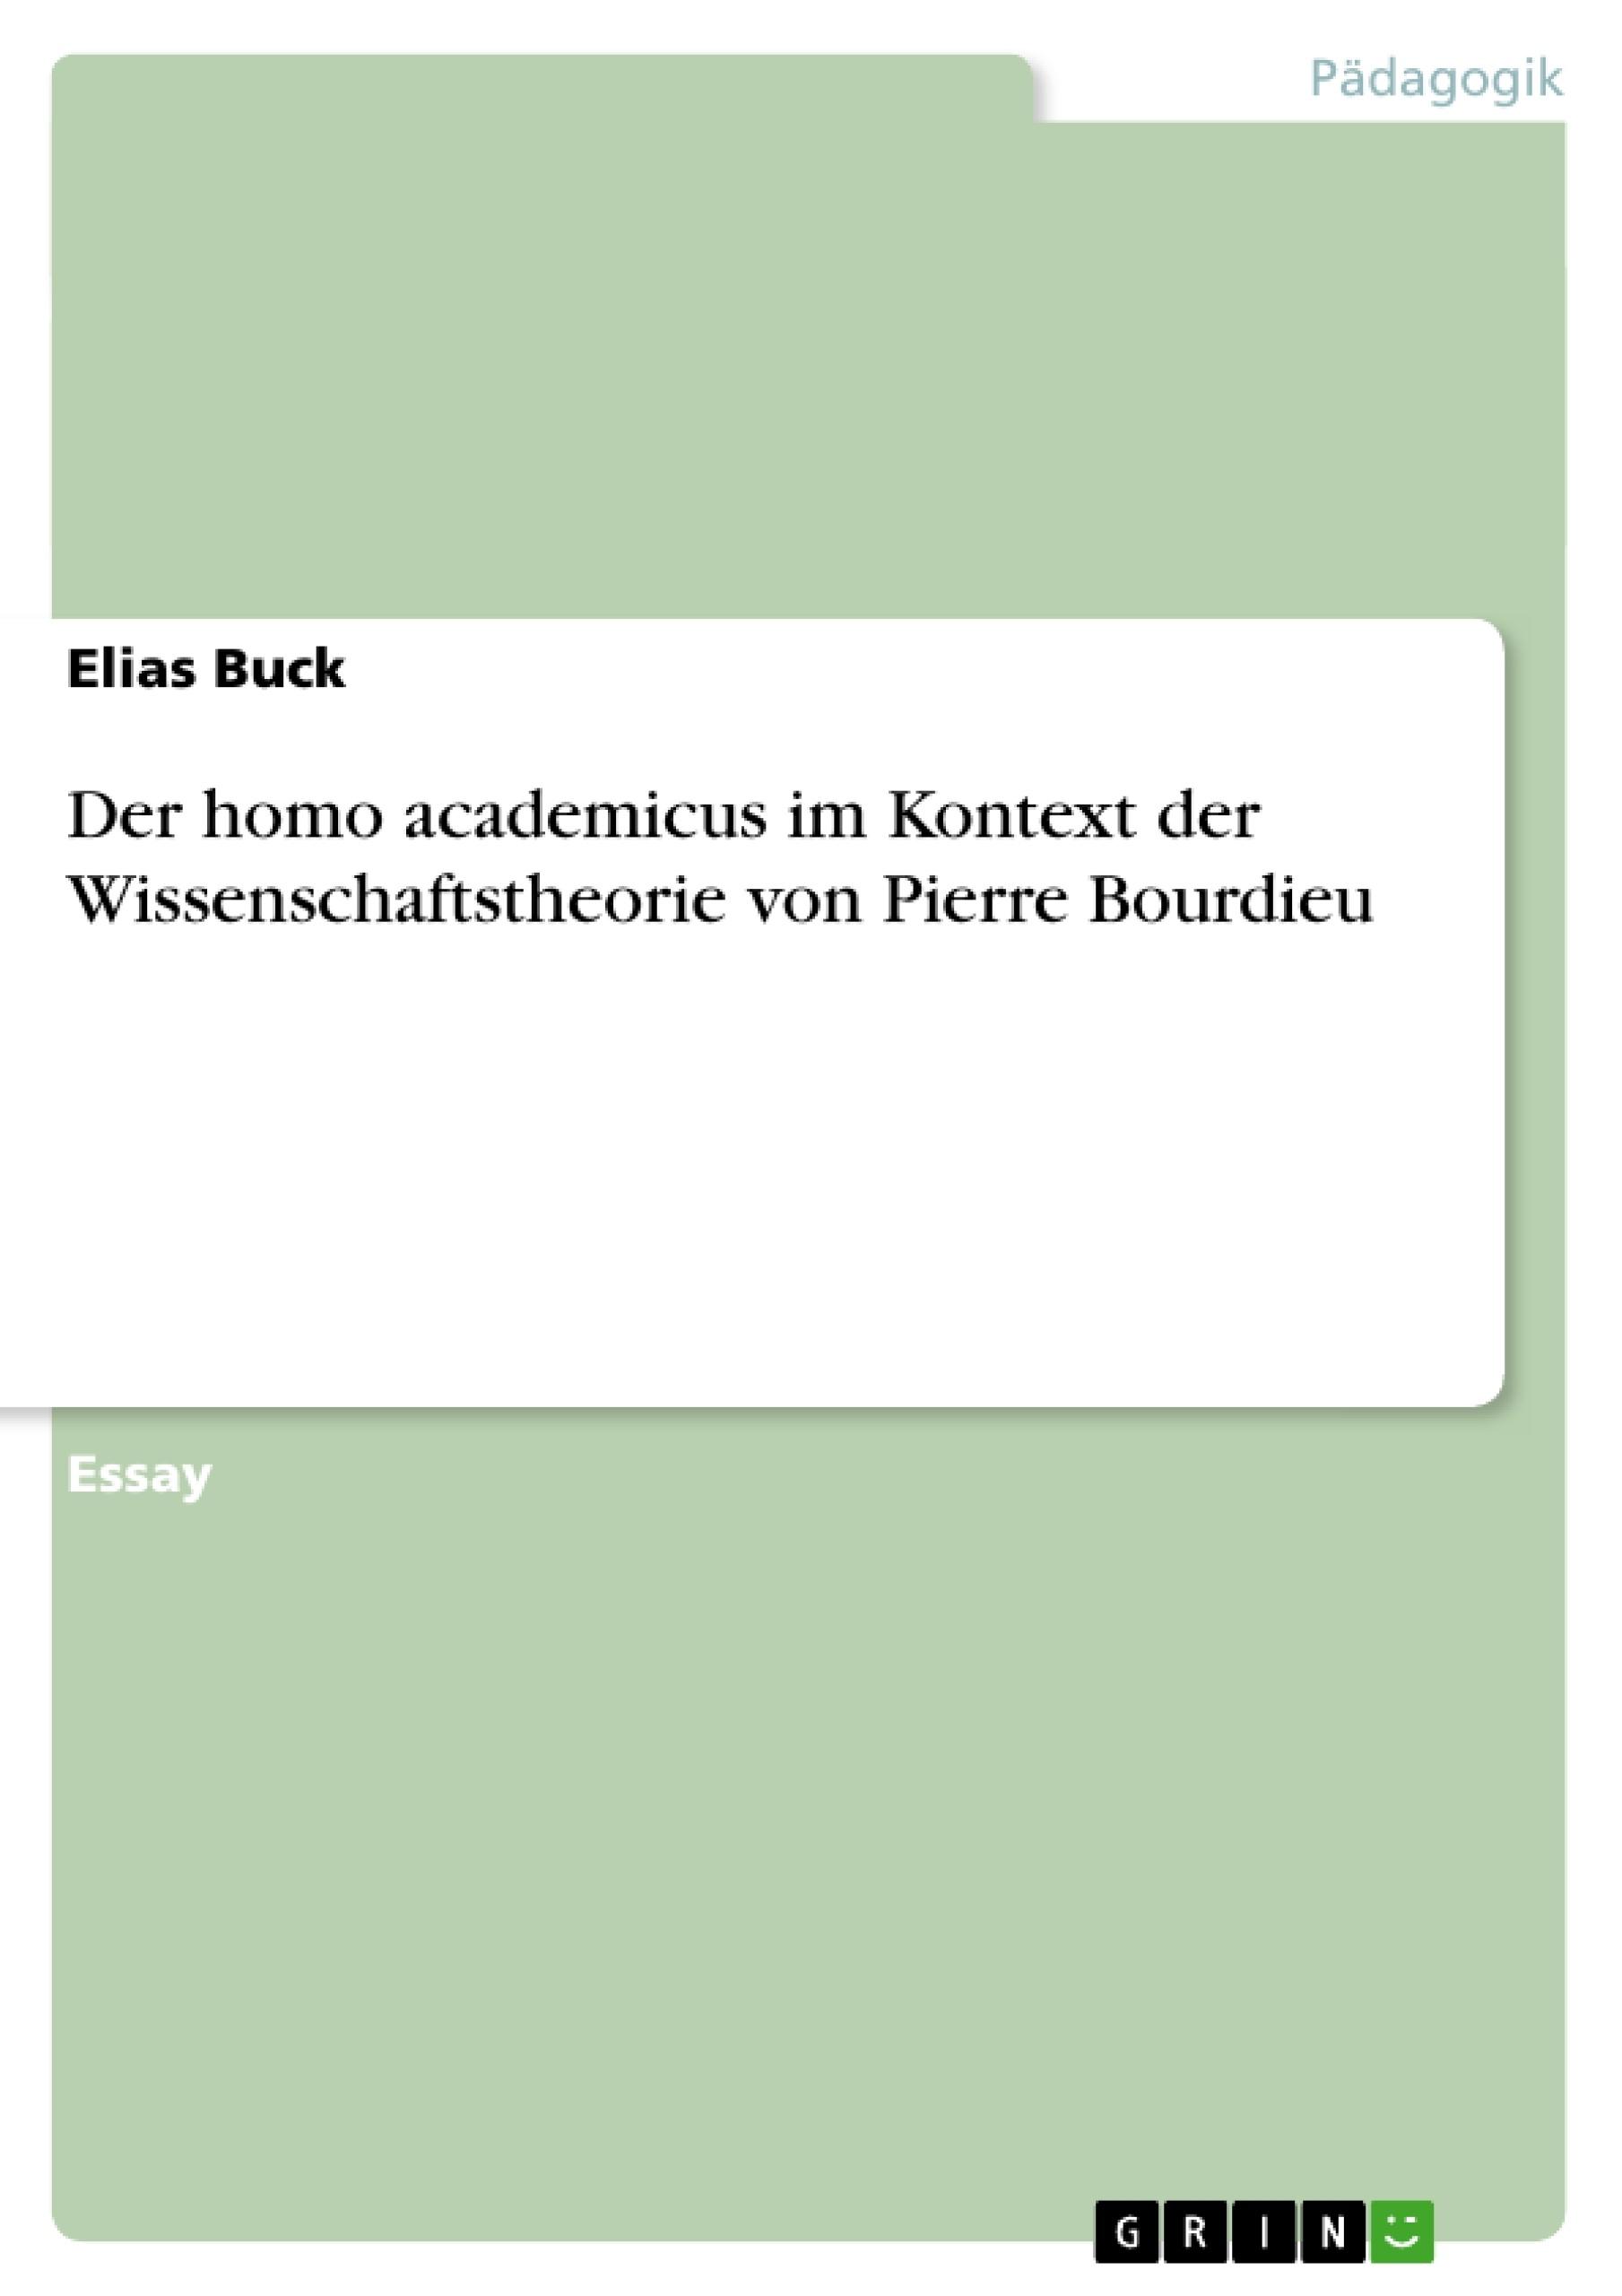 Titel: Der homo academicus im Kontext der Wissenschaftstheorie von Pierre Bourdieu